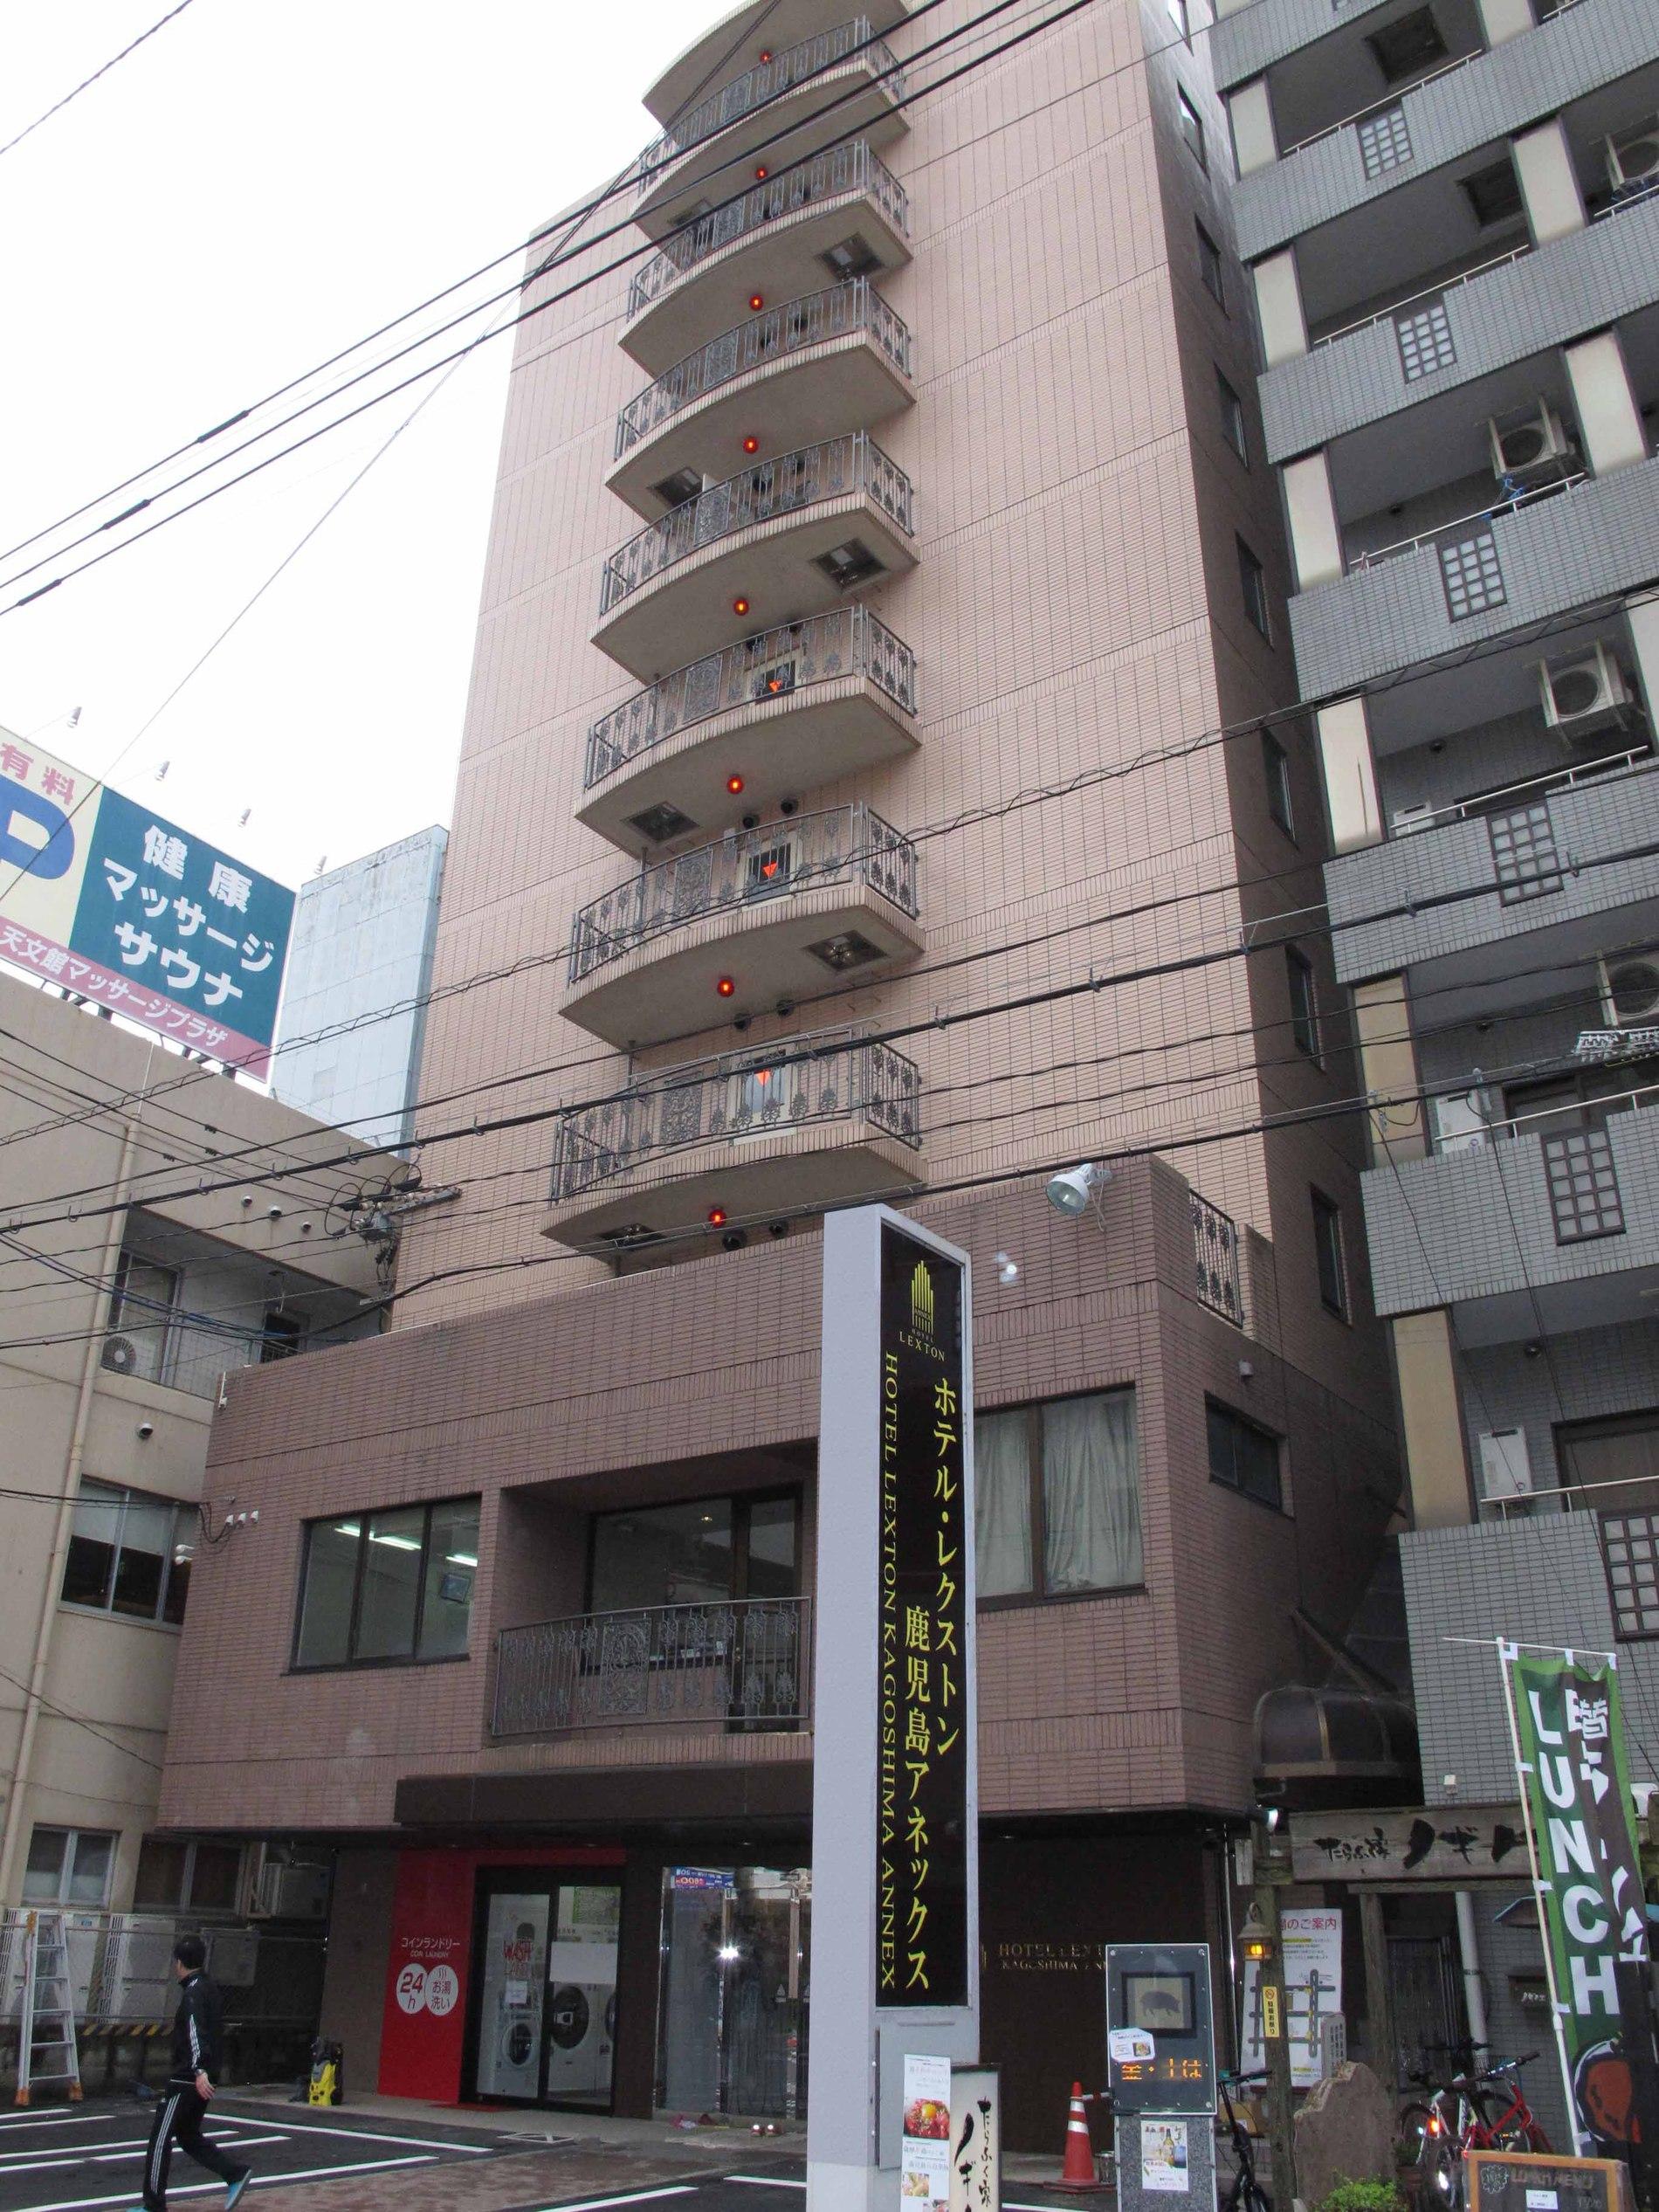 ホテル レクストン 鹿児島 アネックス◆楽天トラベル